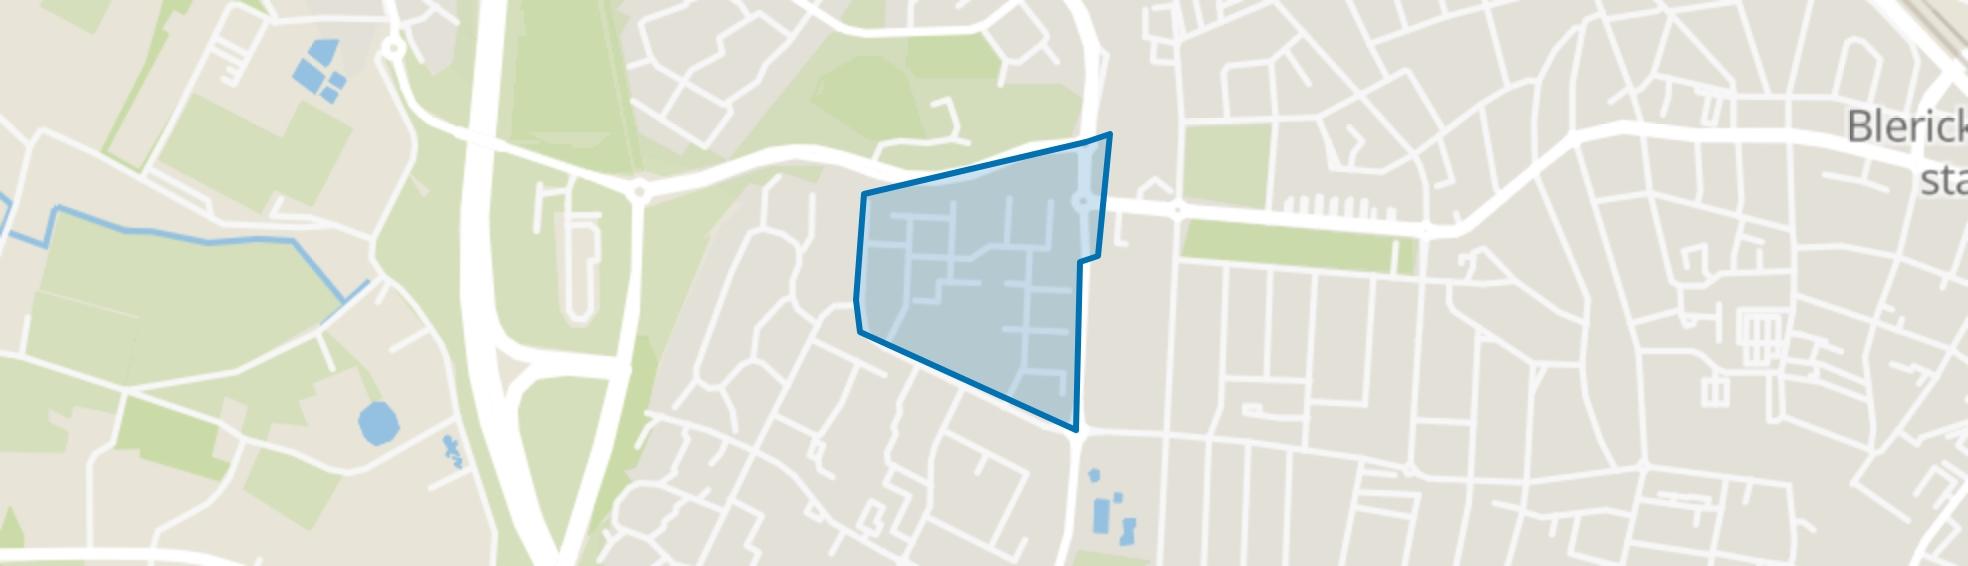 Vossener-Noord, Venlo map